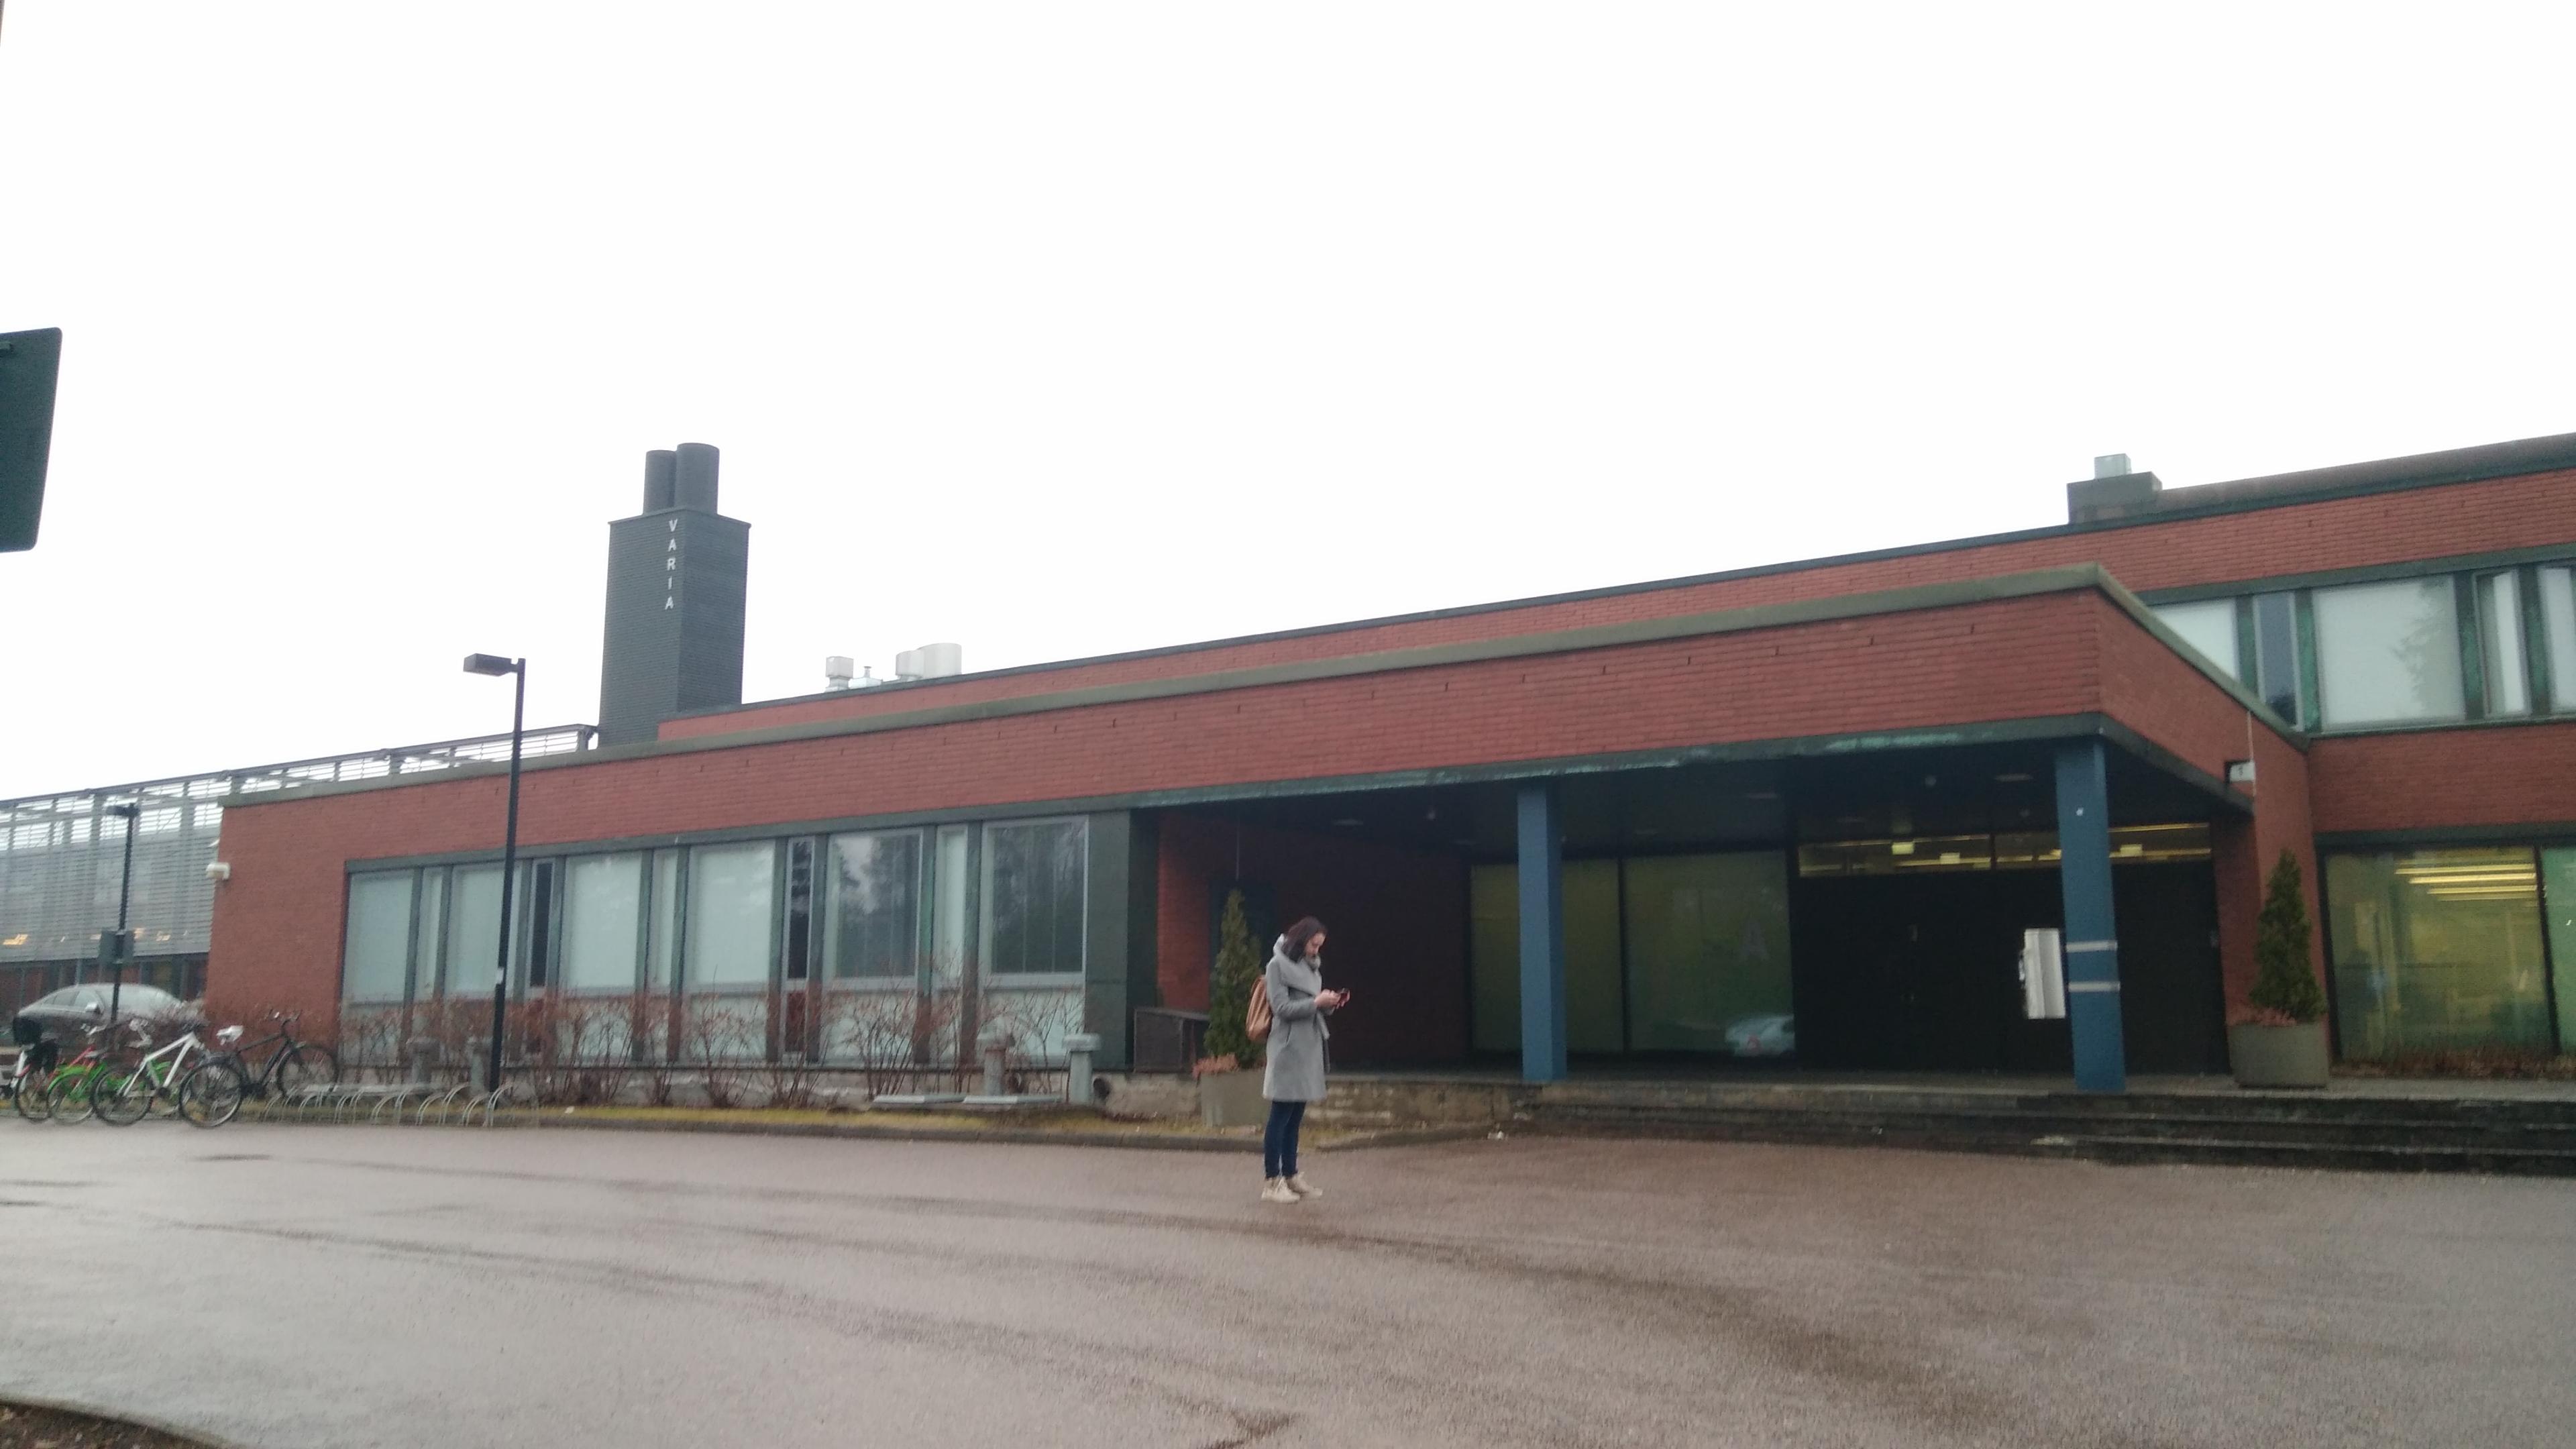 Vataan Ammattiopisto Varia. Finlandia. Erasmus +2018